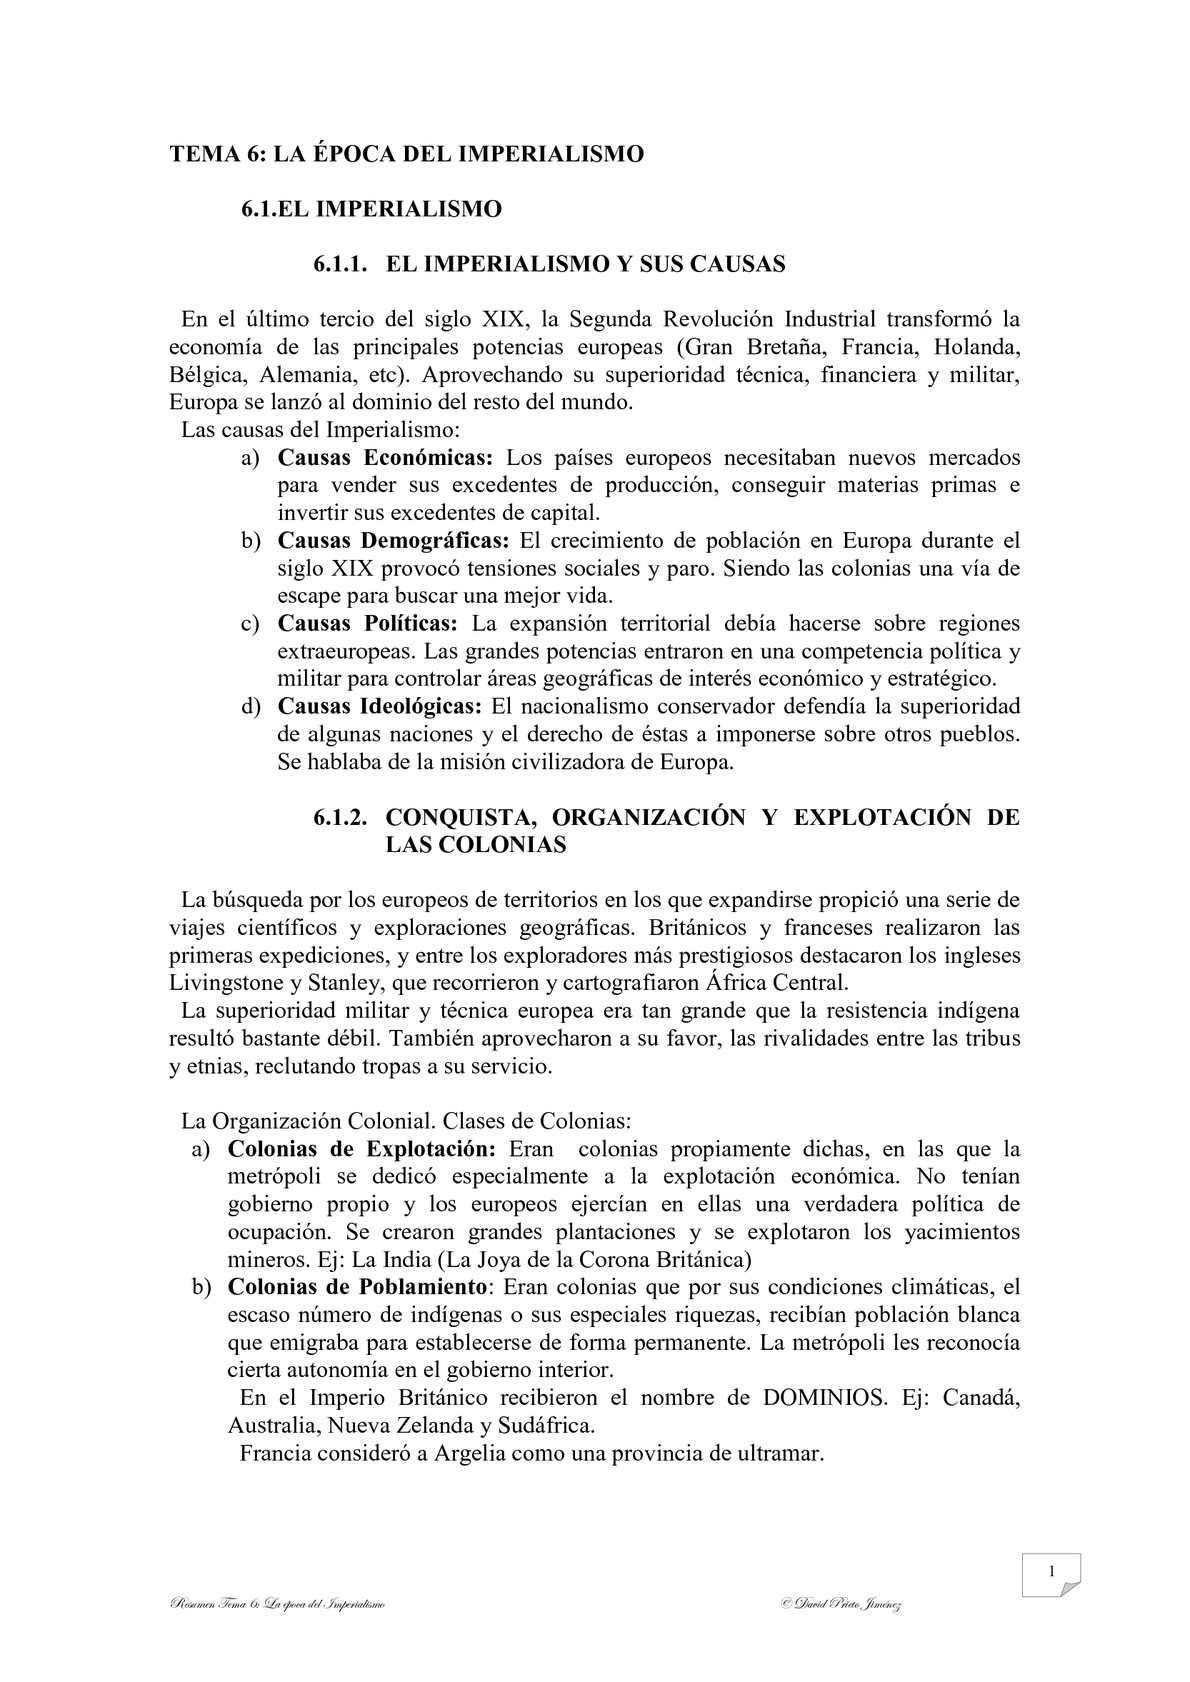 """RESUMEN TEMA 6 """"LA ÉPOCA DEL IMPERIALISMO Y LA PRIMERA GUERRA MUNDIAL"""""""